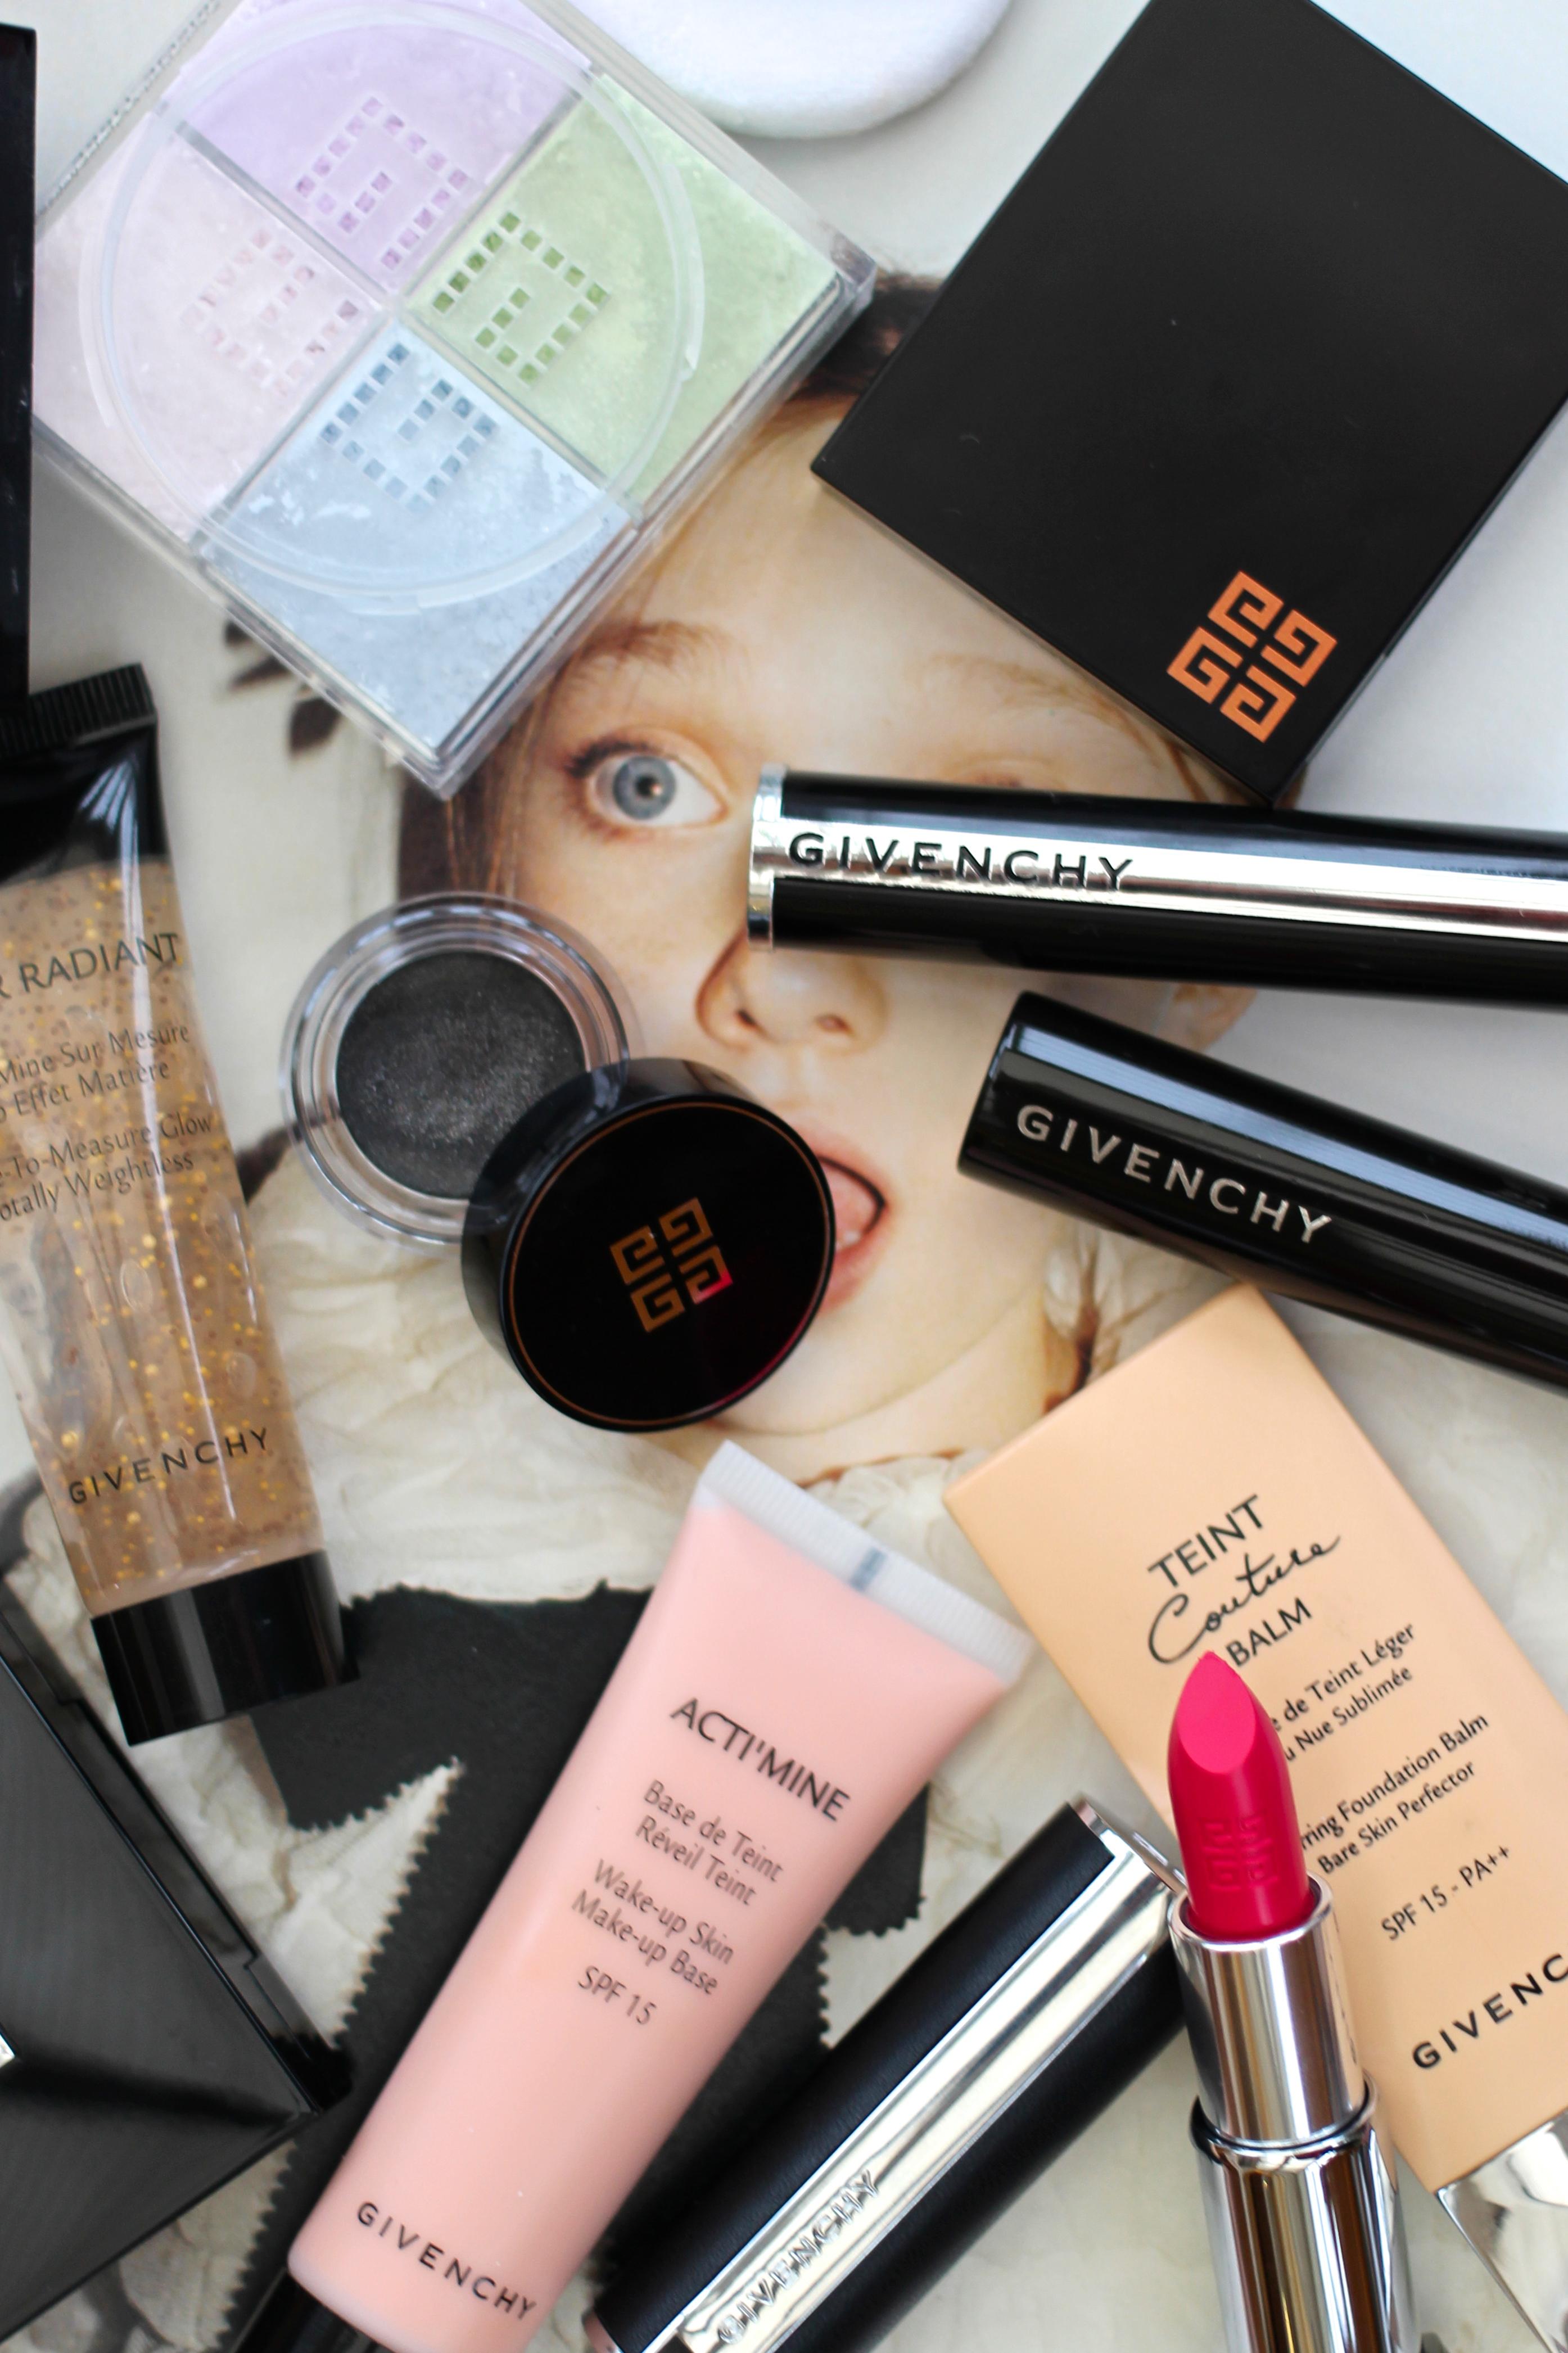 Givenchy Make-Up Reviews